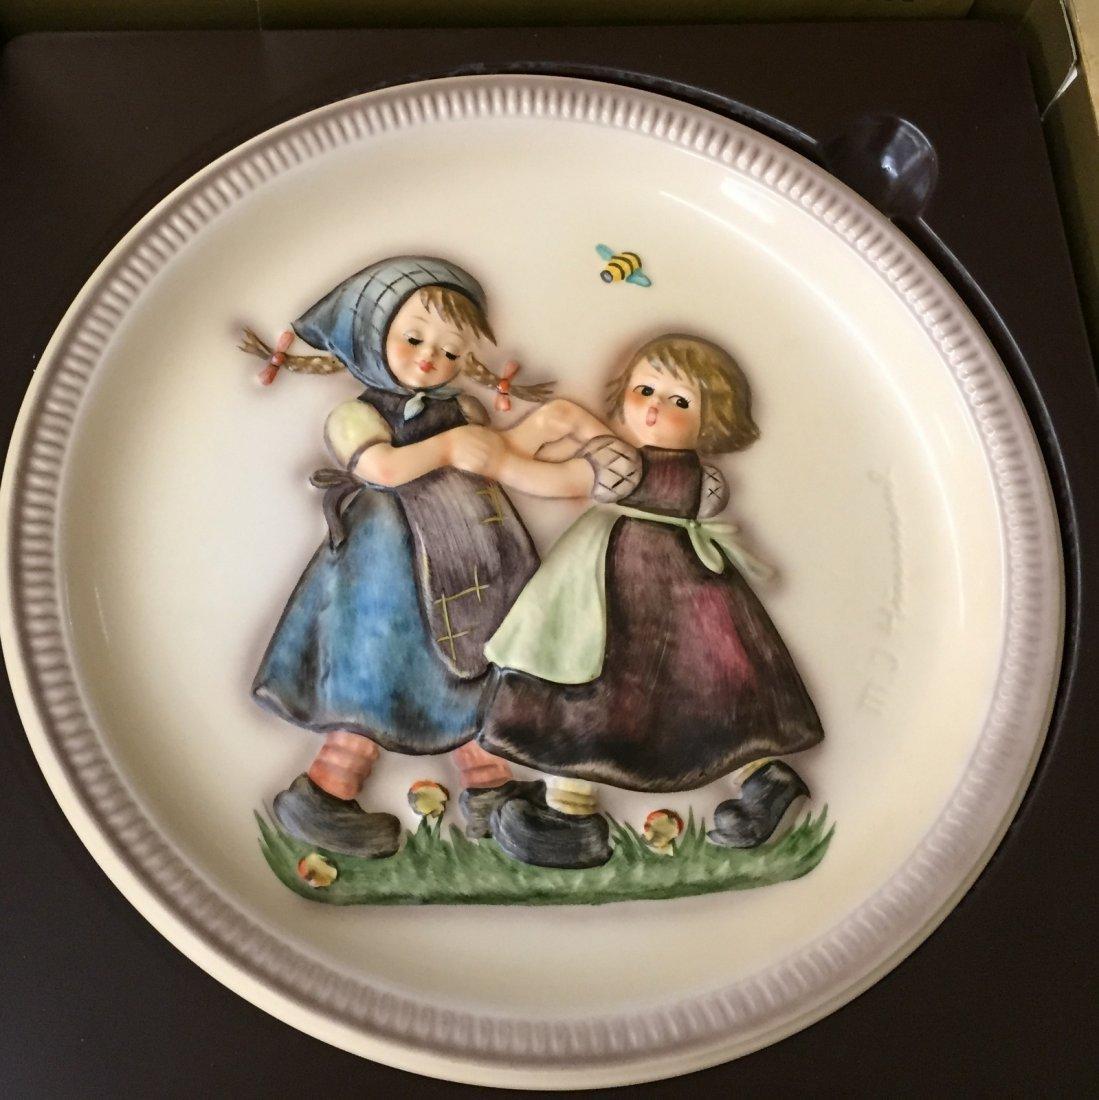 Hummel Anniversary Plate: Ring Around the Rosie; #281